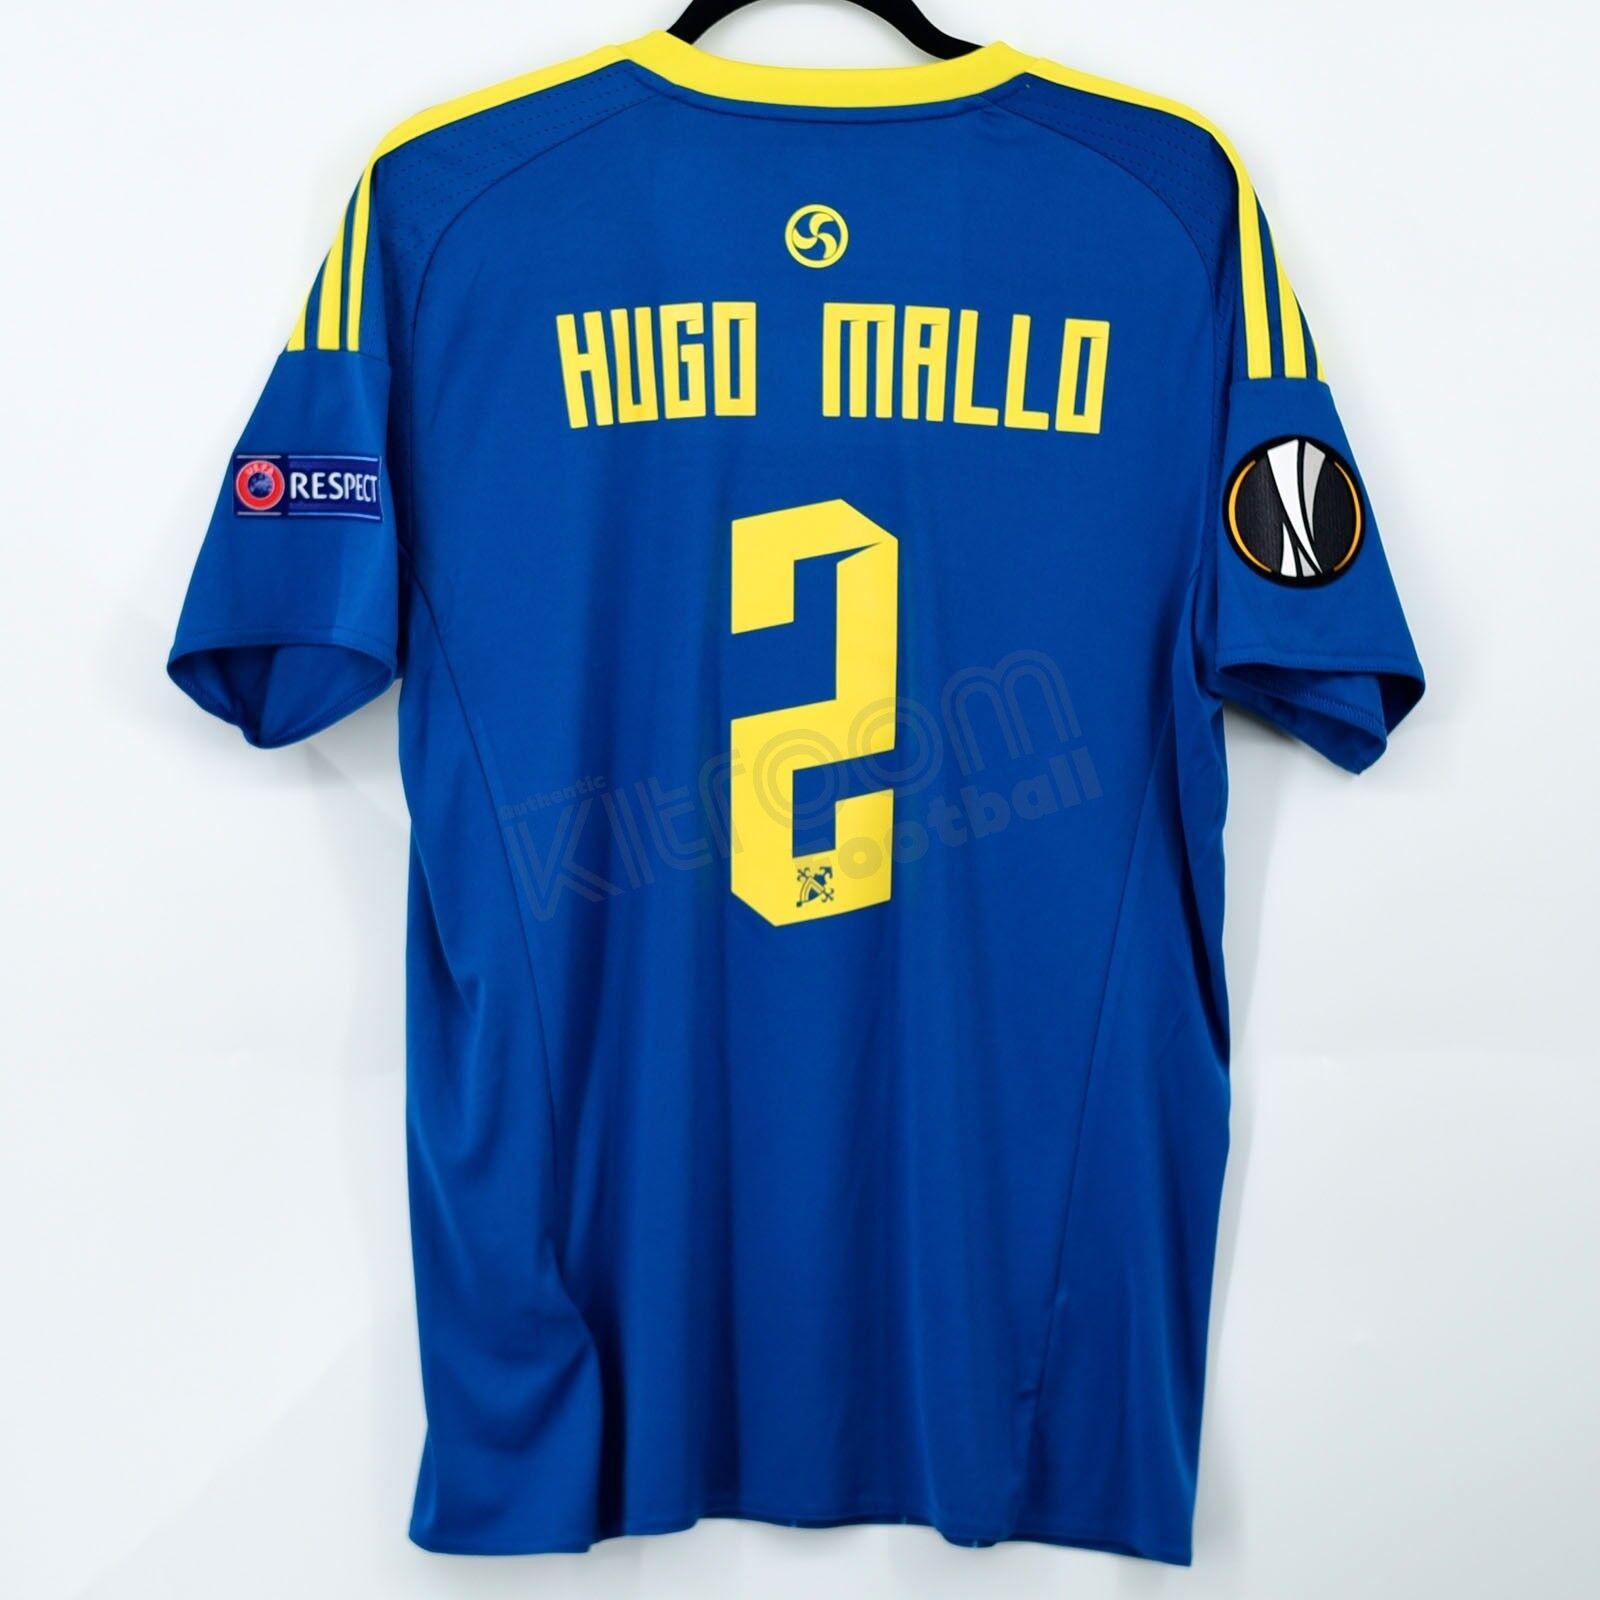 2016-17 Celta Vigo Europa League Away Shirt Hugo Mallo Adidas BNWT M Jersey